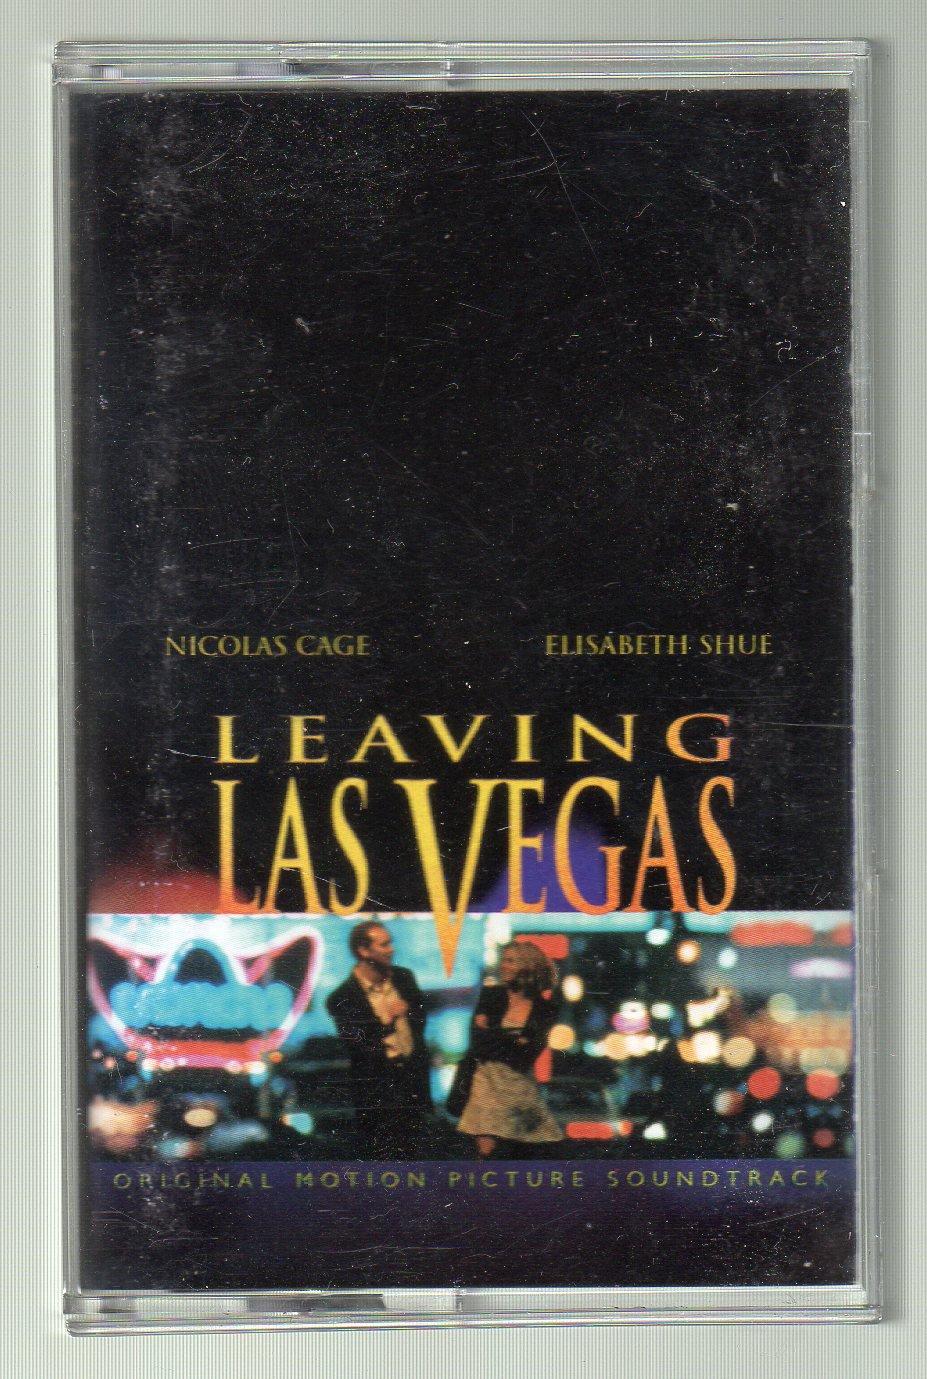 Leaving Las Vegas - Motion Picture Soundtrack Cassette Tape